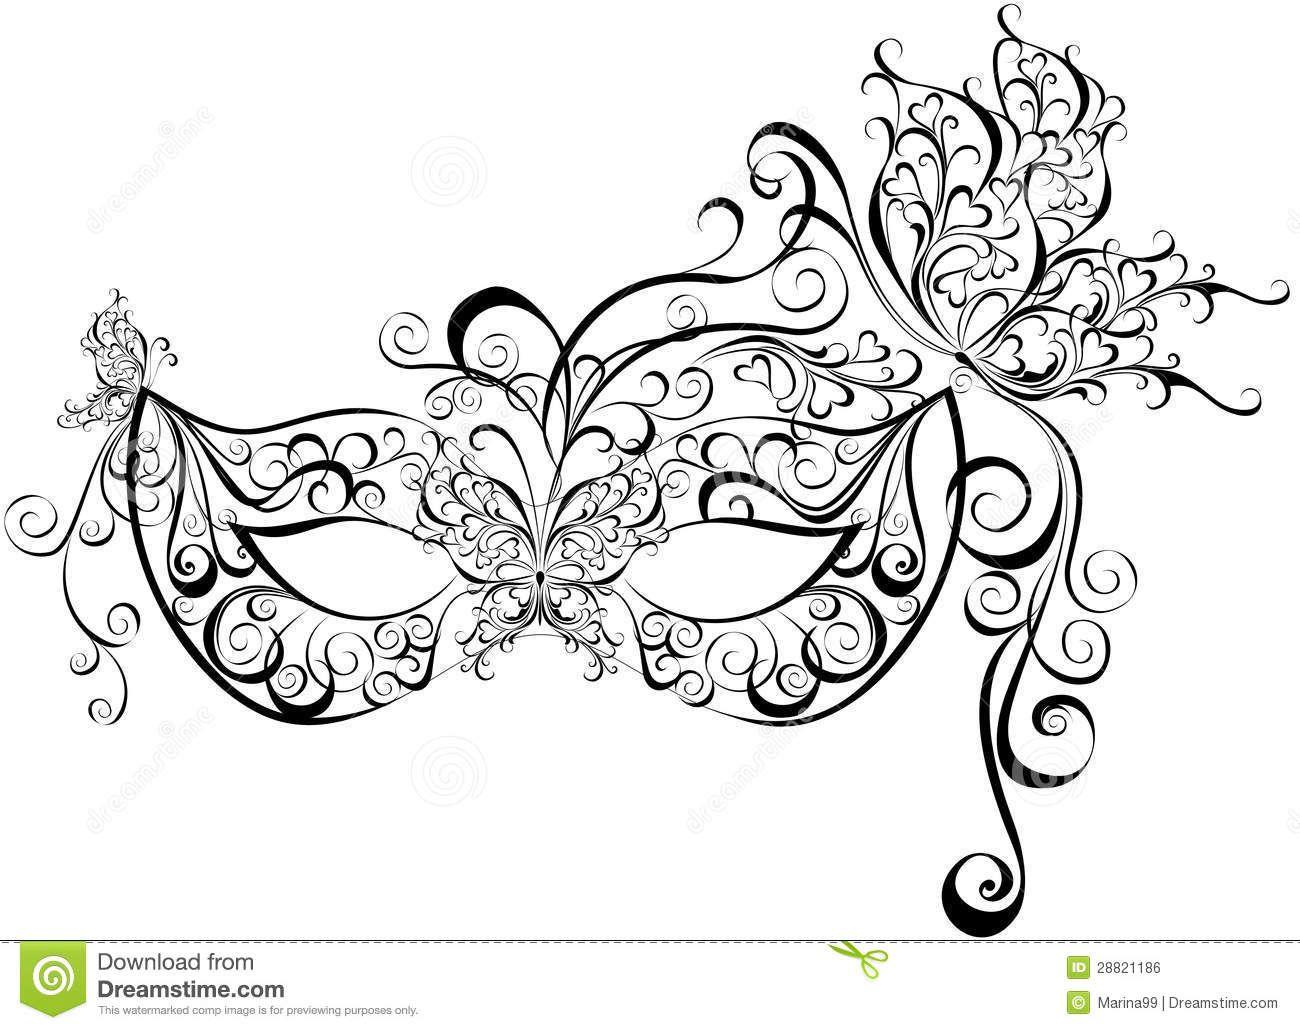 Masques pour une mascarade image libre de droits image 28821186 tatouage iv pinterest - Coloriage masques ...